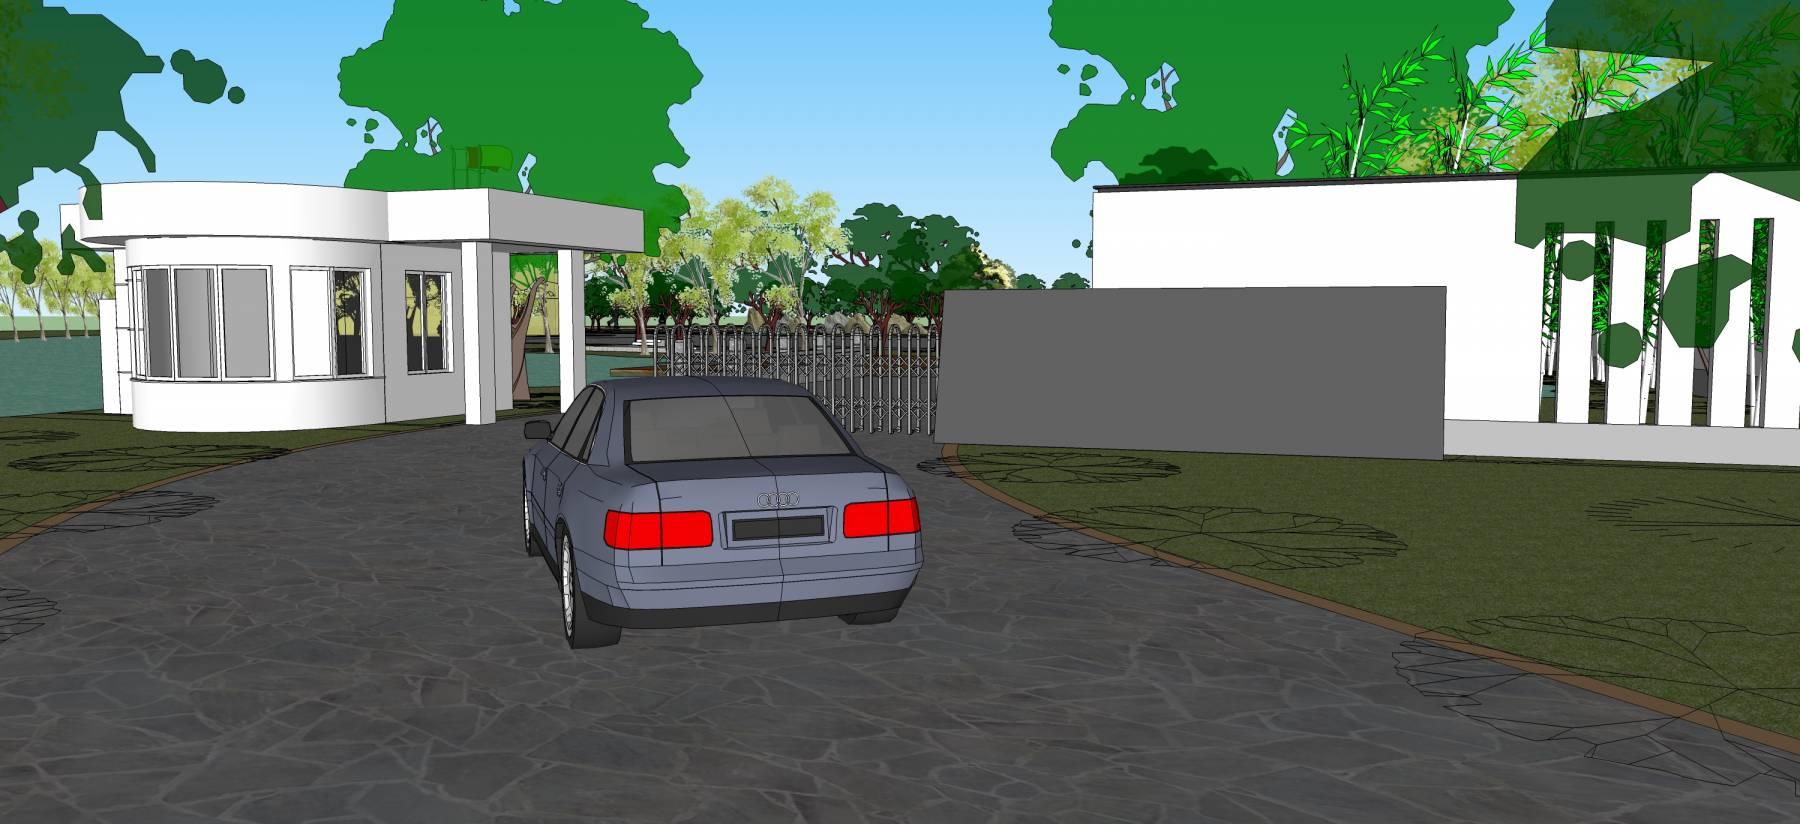 加油站带景观